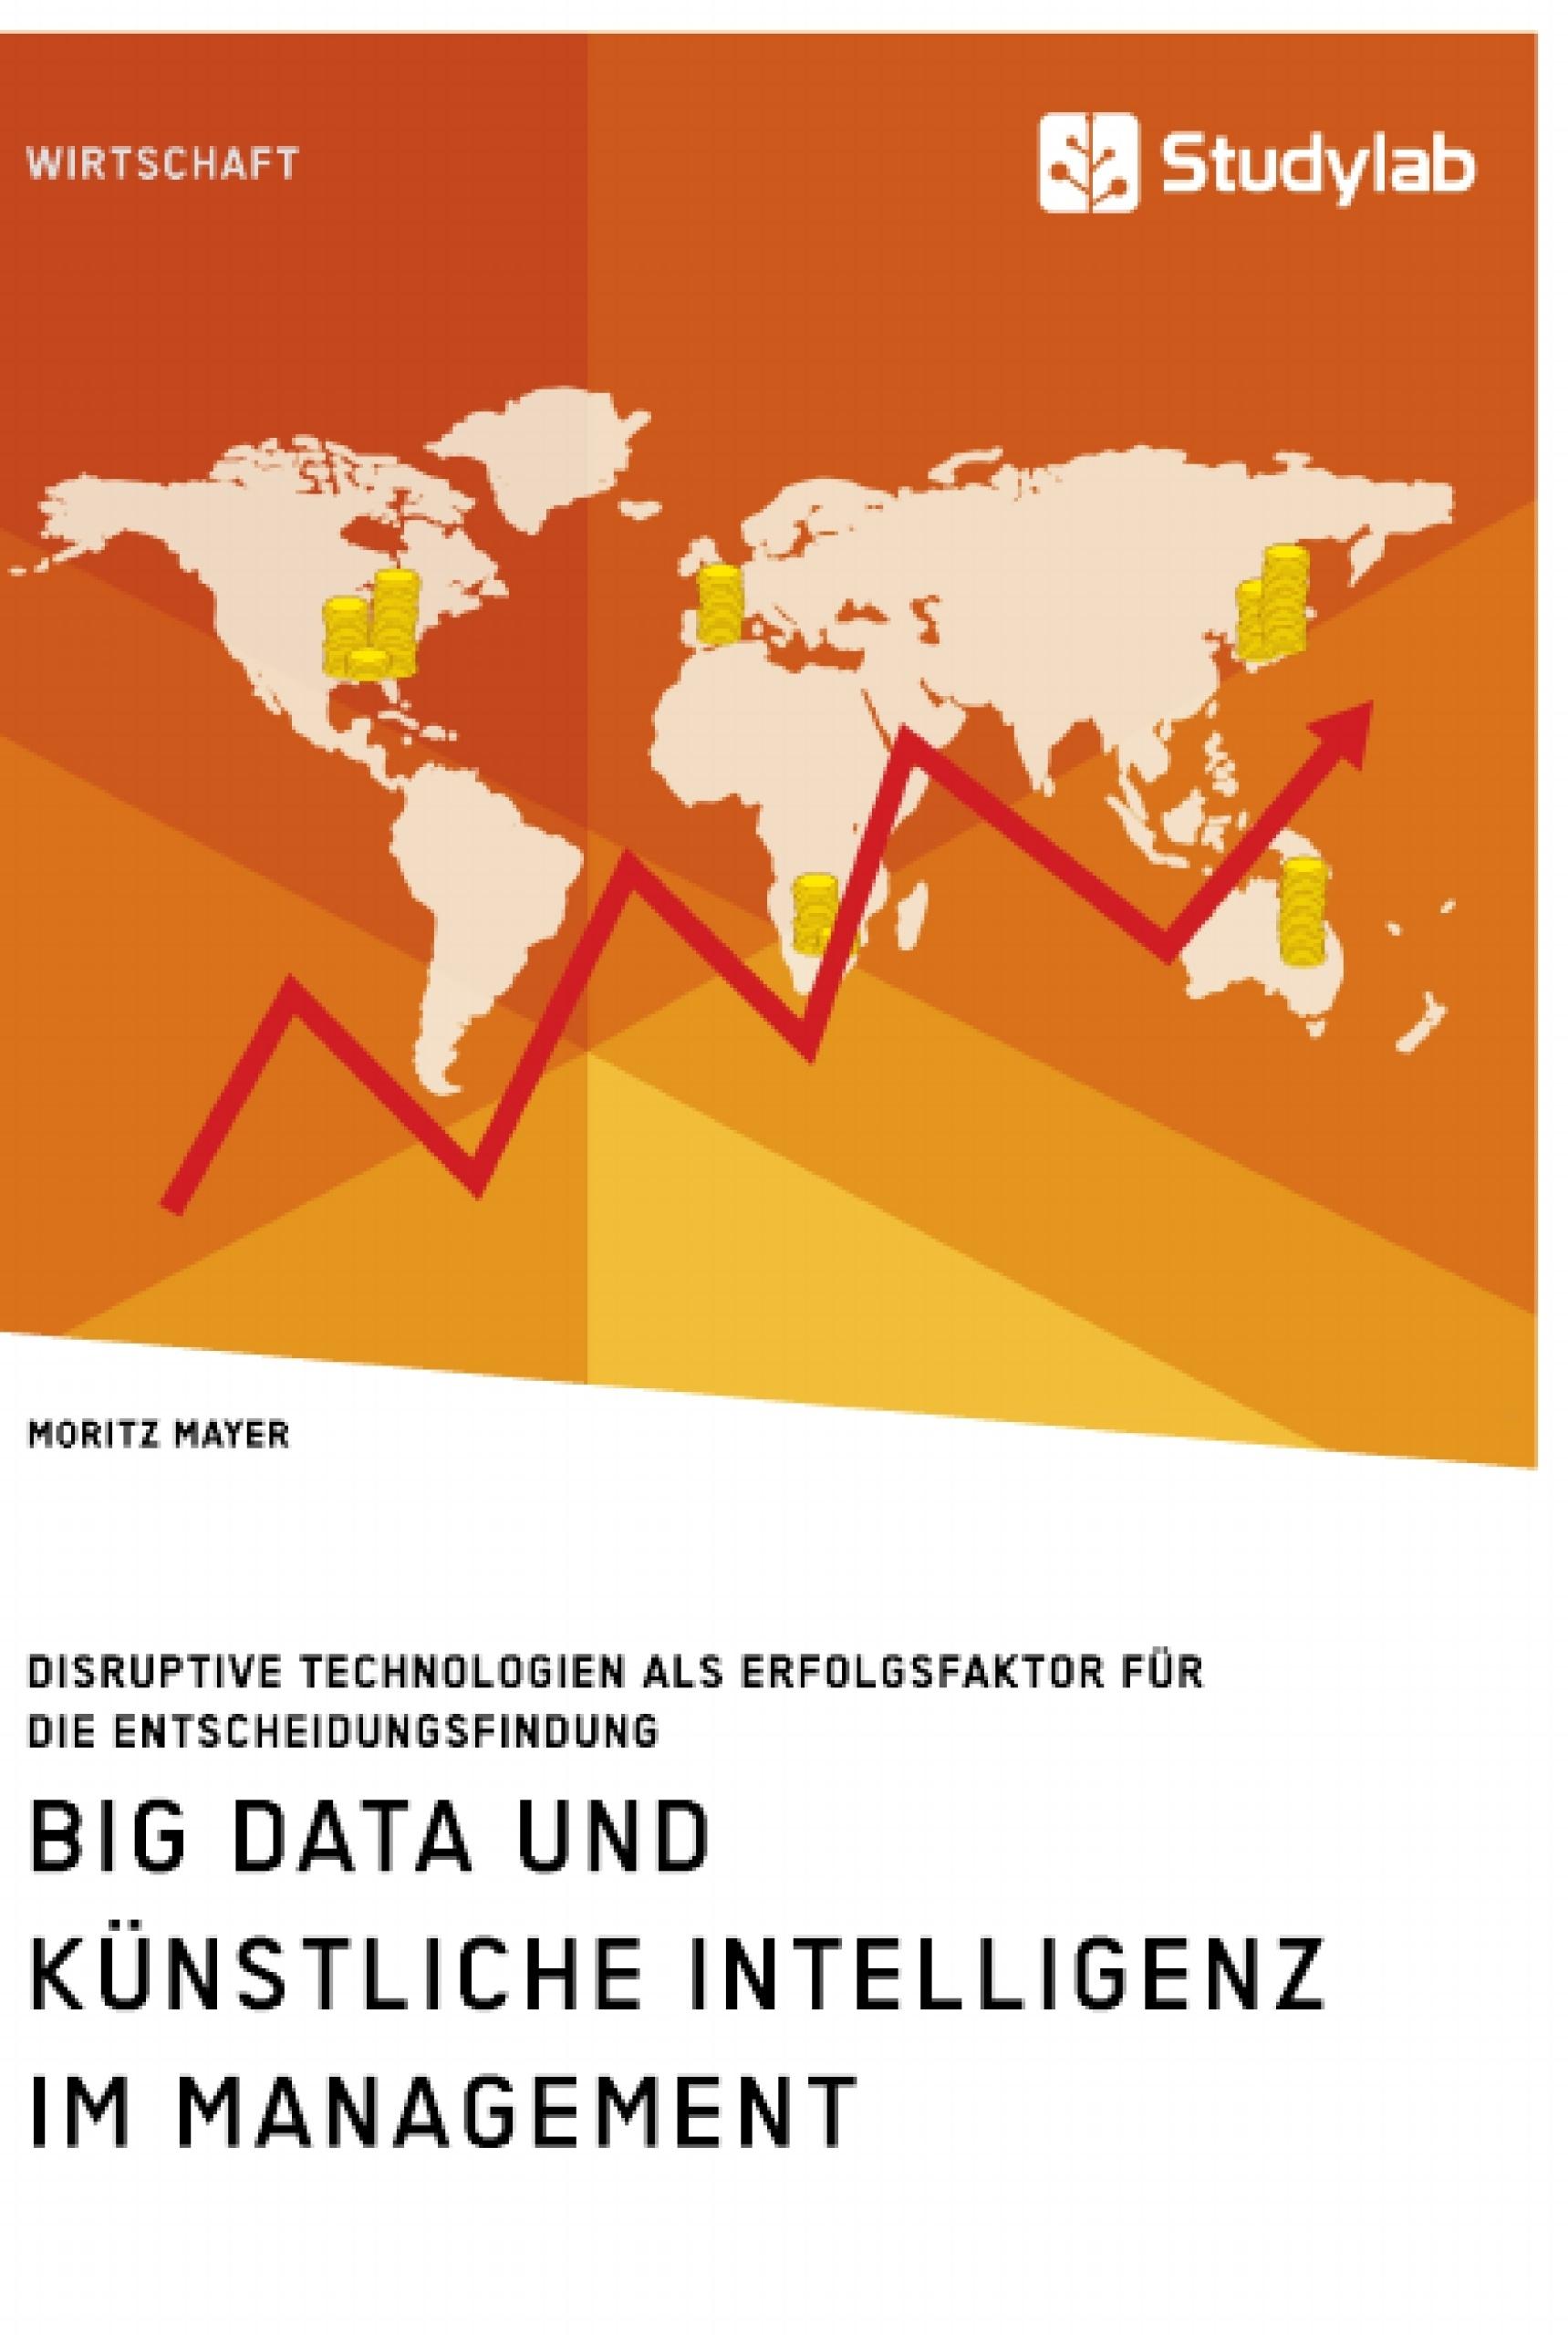 Titre: Big Data und künstliche Intelligenz im Management. Disruptive Technologien als Erfolgsfaktor für die Entscheidungsfindung